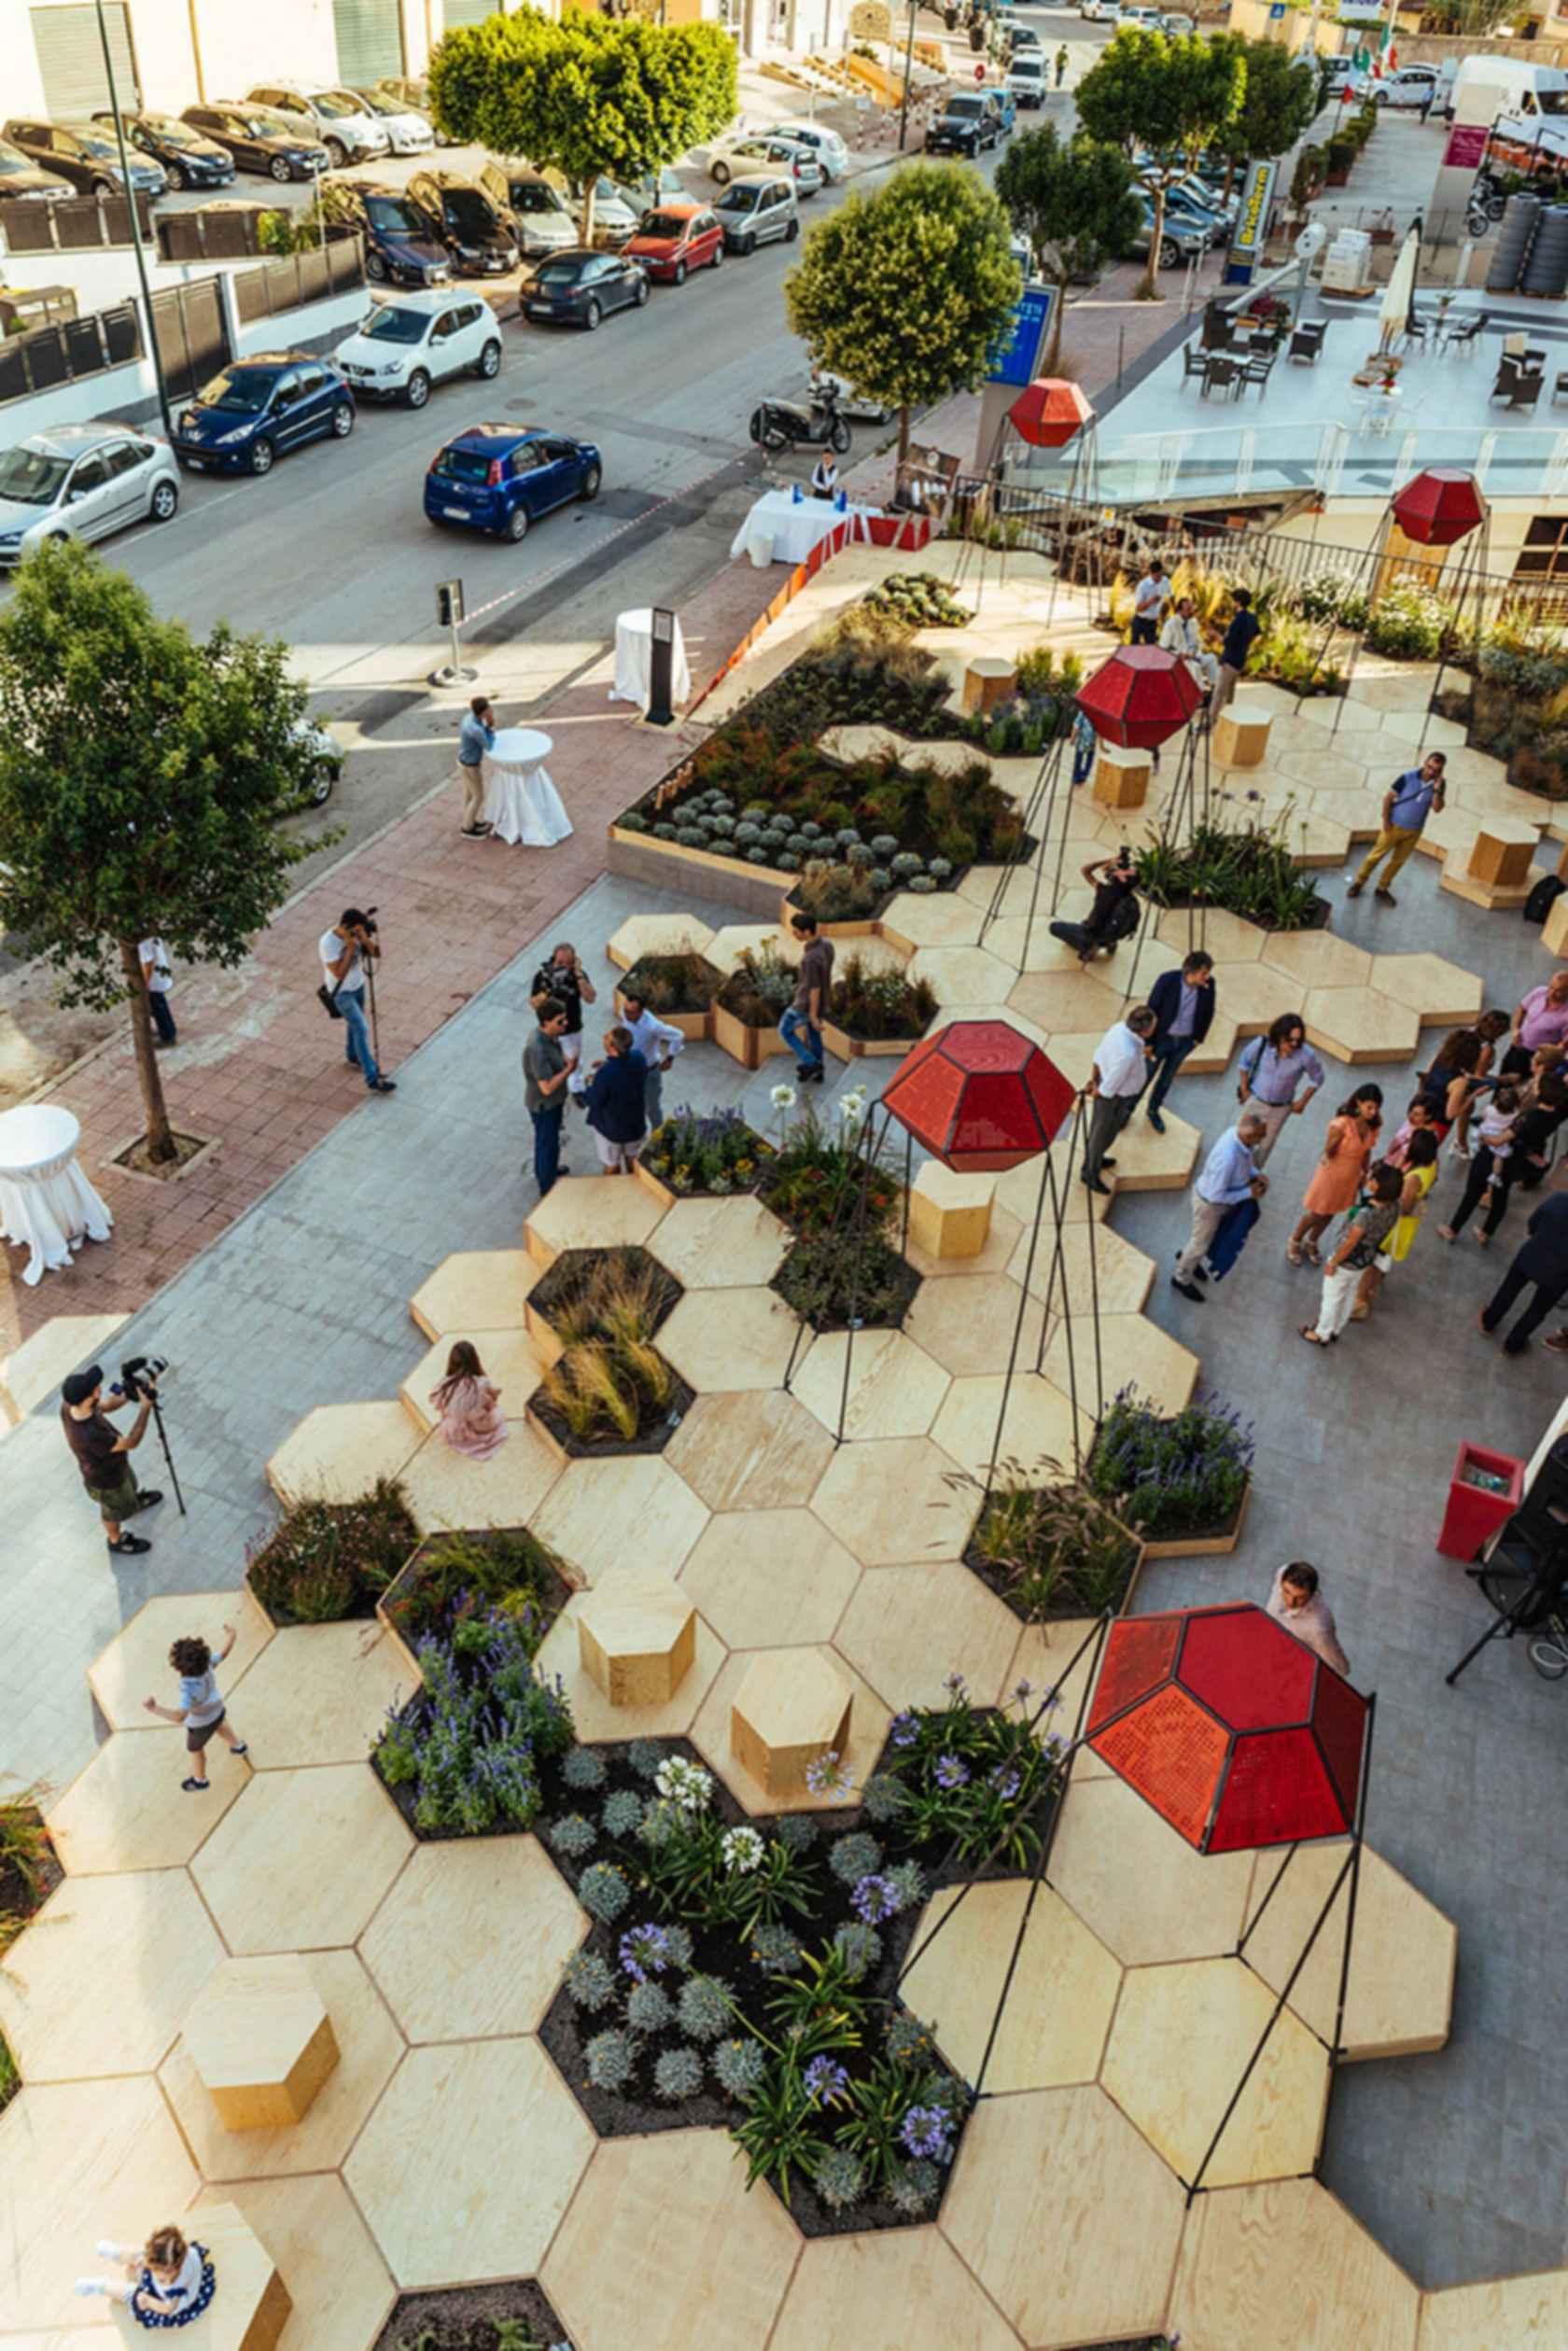 Urban Public Space Design